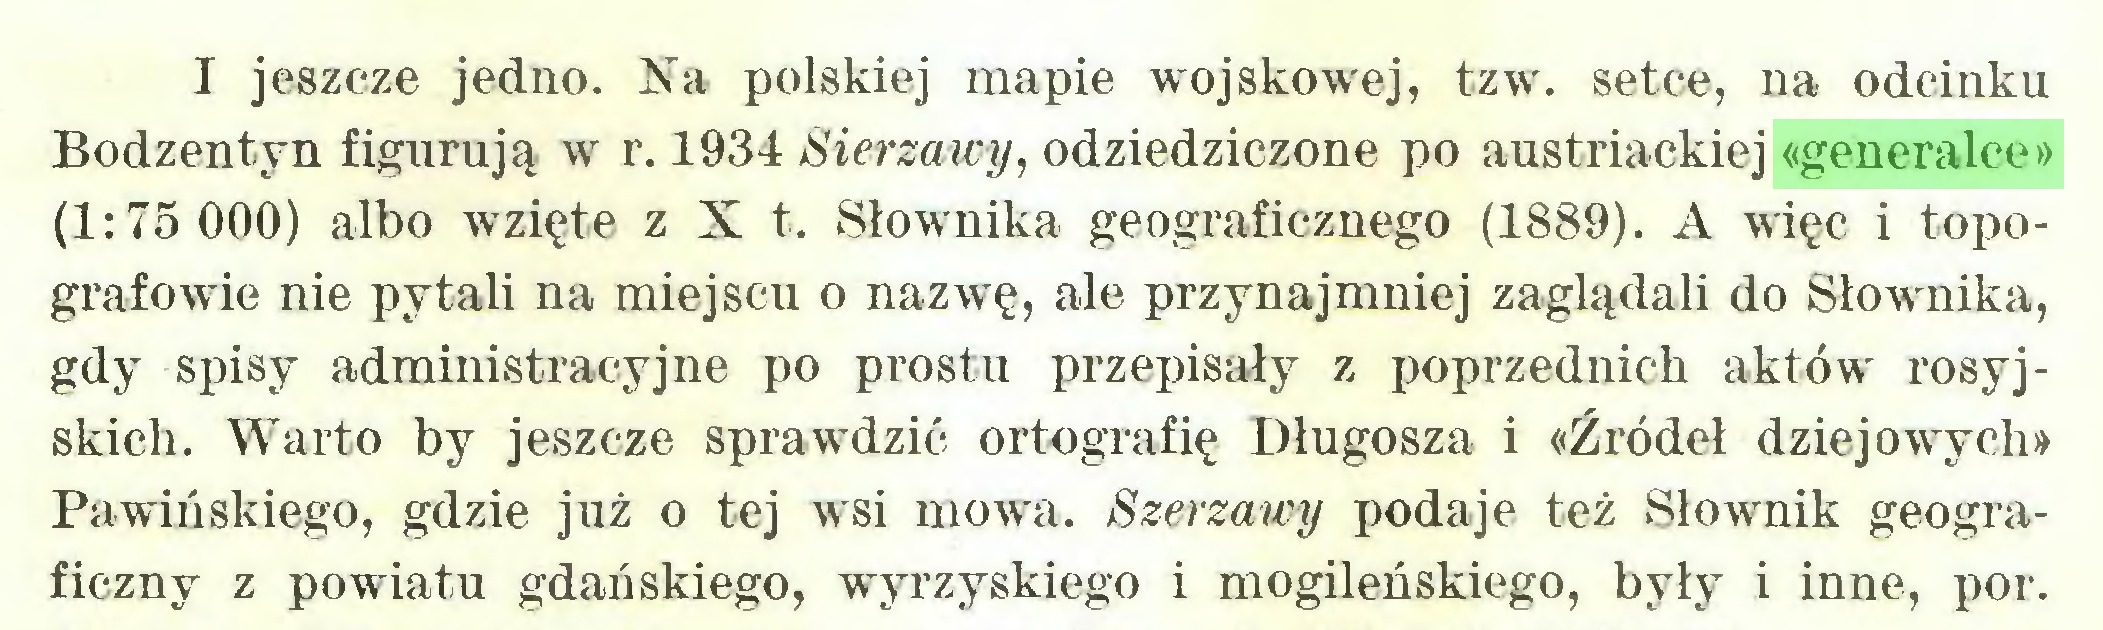 (...) I jeszcze jedno. Na polskiej mapie wojskowej, tzw. setce, na odcinku Bodzentyn figurują w r. 1934 Sierzawy, odziedziczone po austriackiej «generalce» (1:75 000) albo wzięte z X t. Słownika geograficznego (1889). A więc i topografowie nie pytali na miejscu o nazwę, ale przynajmniej zaglądali do Słownika, gdy spisy administracyjne po prostu przepisały z poprzednich aktów' rosyjskich. Warto by jeszcze sprawdzić ortografię Długosza i «Źródeł dziejowych» Pawińskiego, gdzie już o tej wsi mowa. Szerzawy podaje też Słownik geograficzny z powiatu gdańskiego, wyrzyskiego i mogileńskiego, były i inne, por...